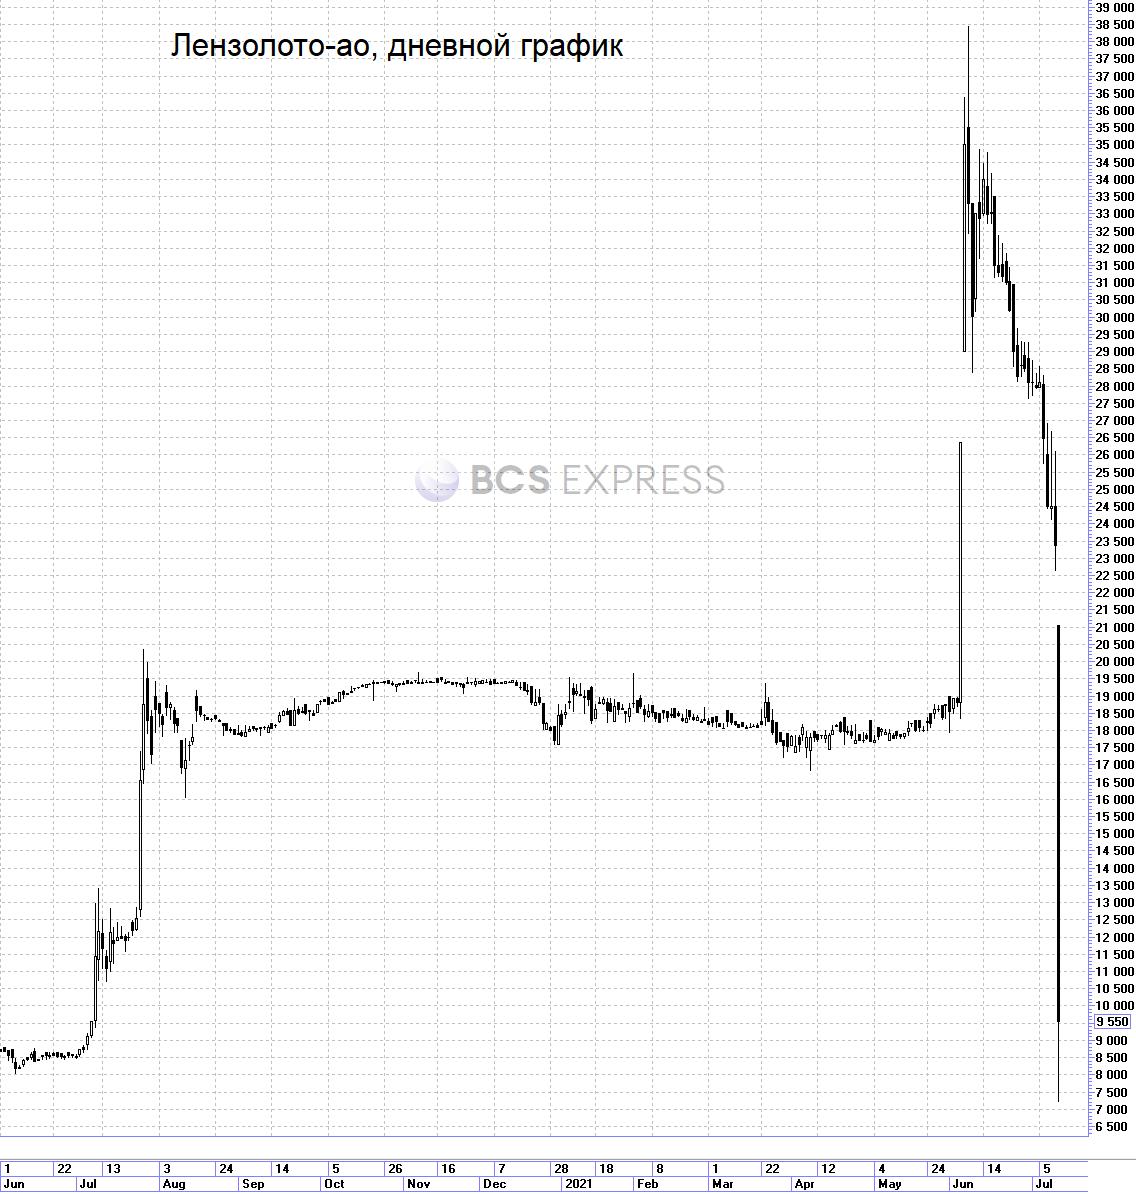 Акции Лензолото обвалились на 60% после дивидендной отсечки